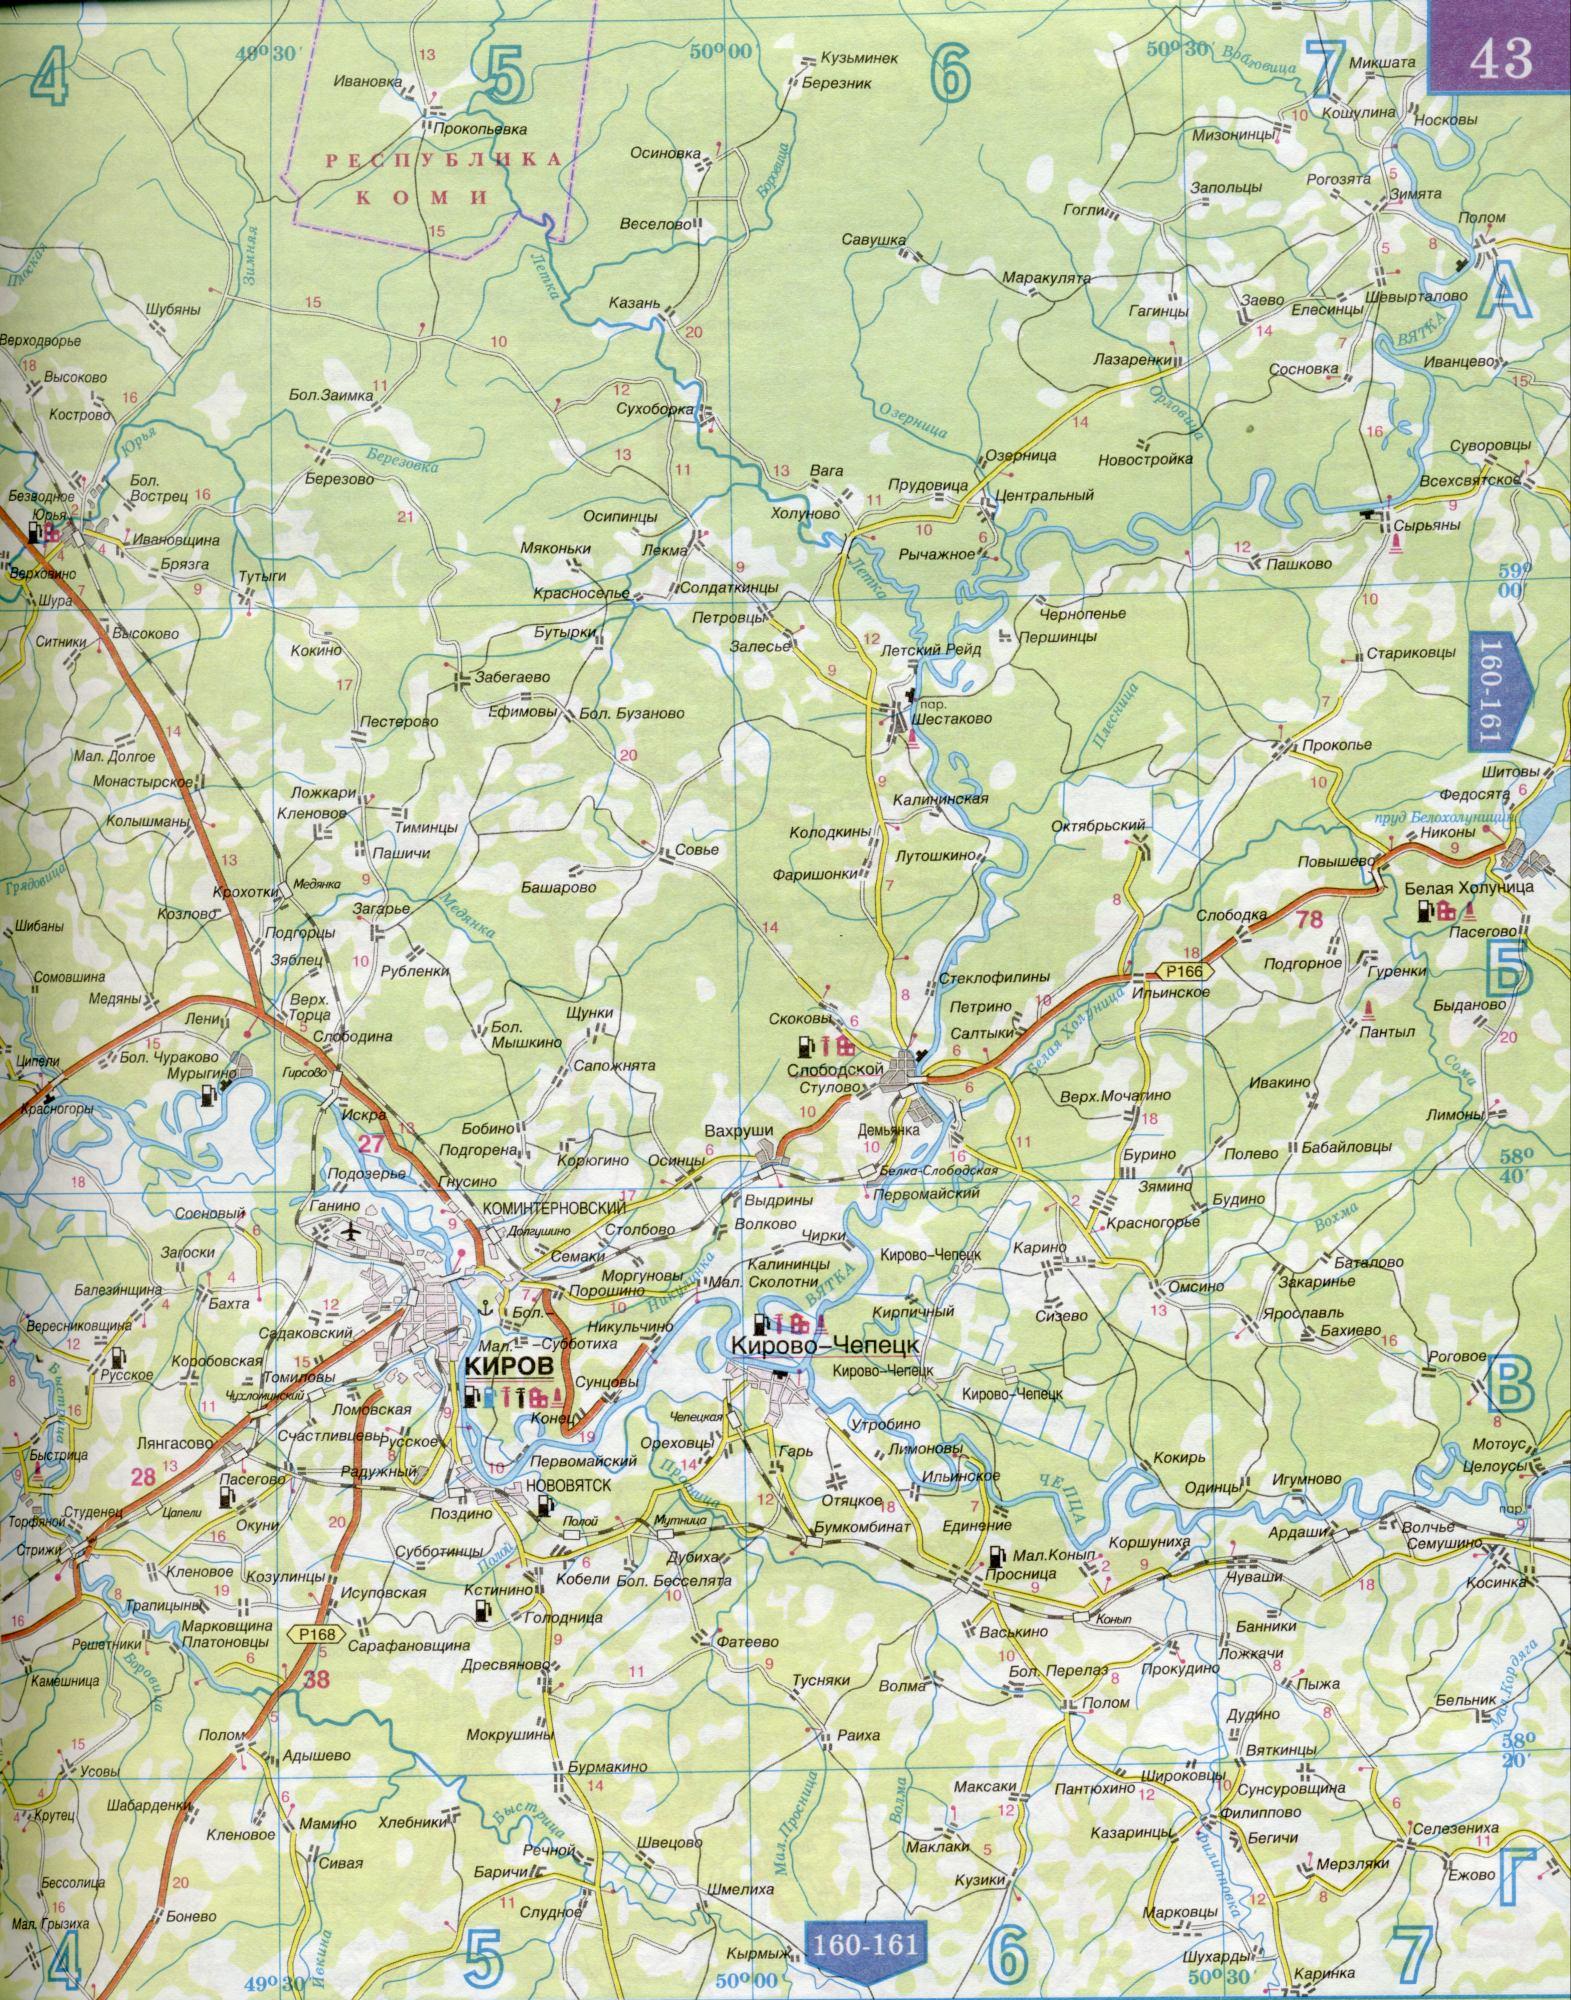 Карта Кировской Области Со Спутника В Реальном Времени